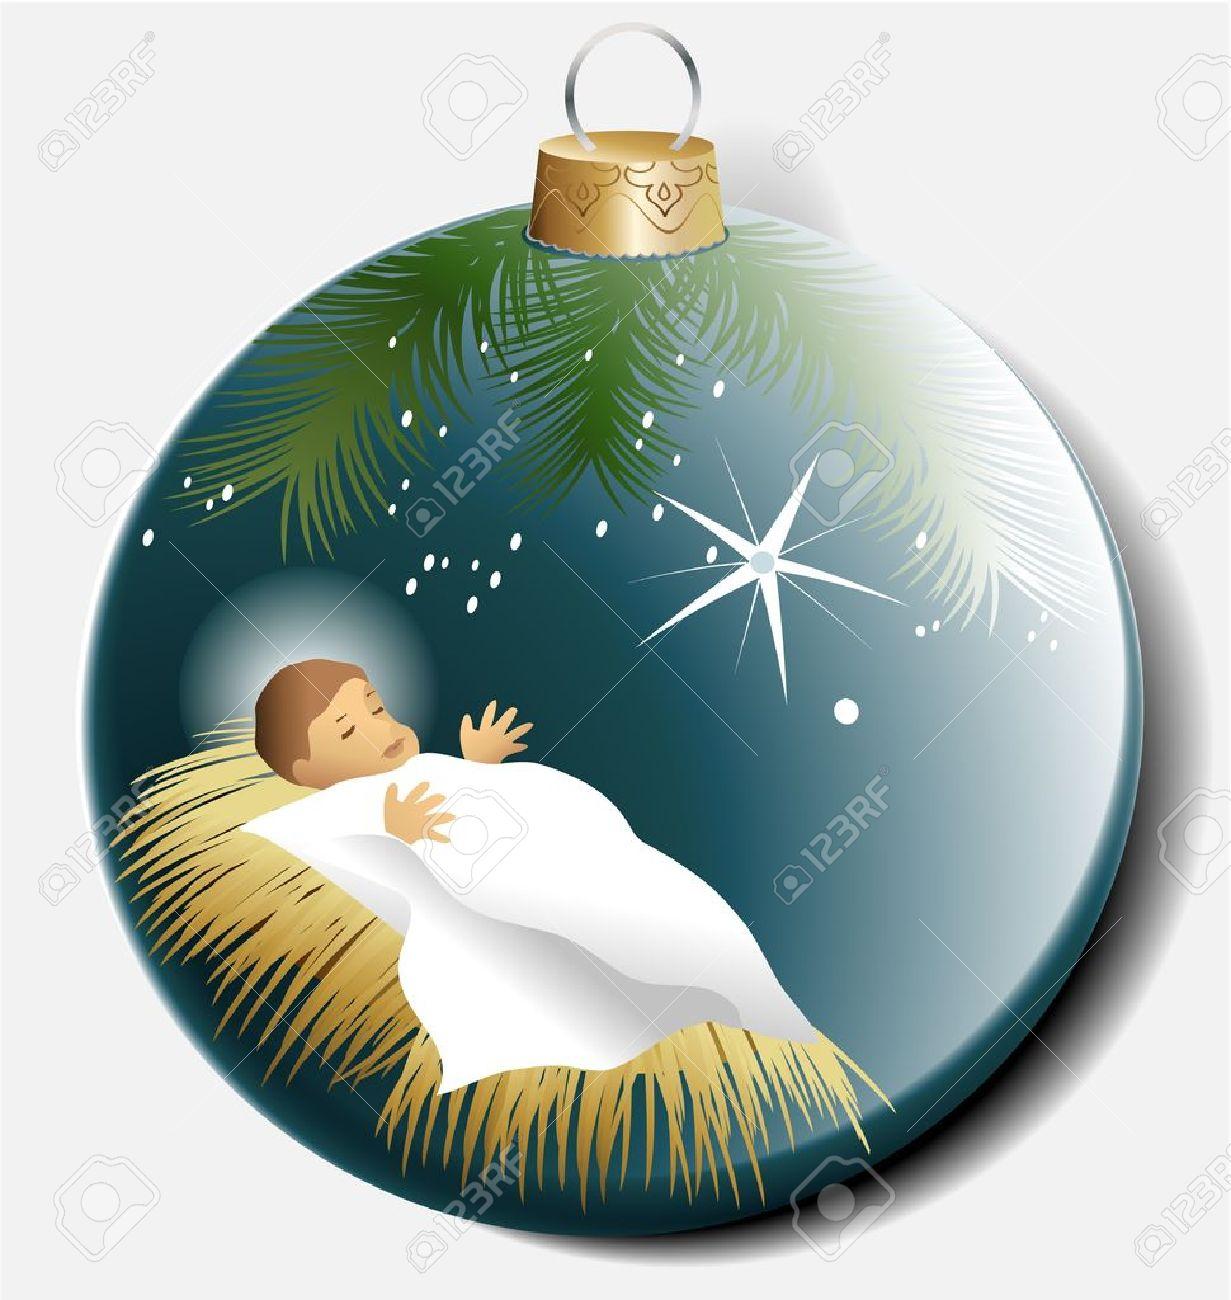 Estremamente Pallina Di Natale Con Gesù Bambino Clipart Royalty-free, Vettori E  UT22